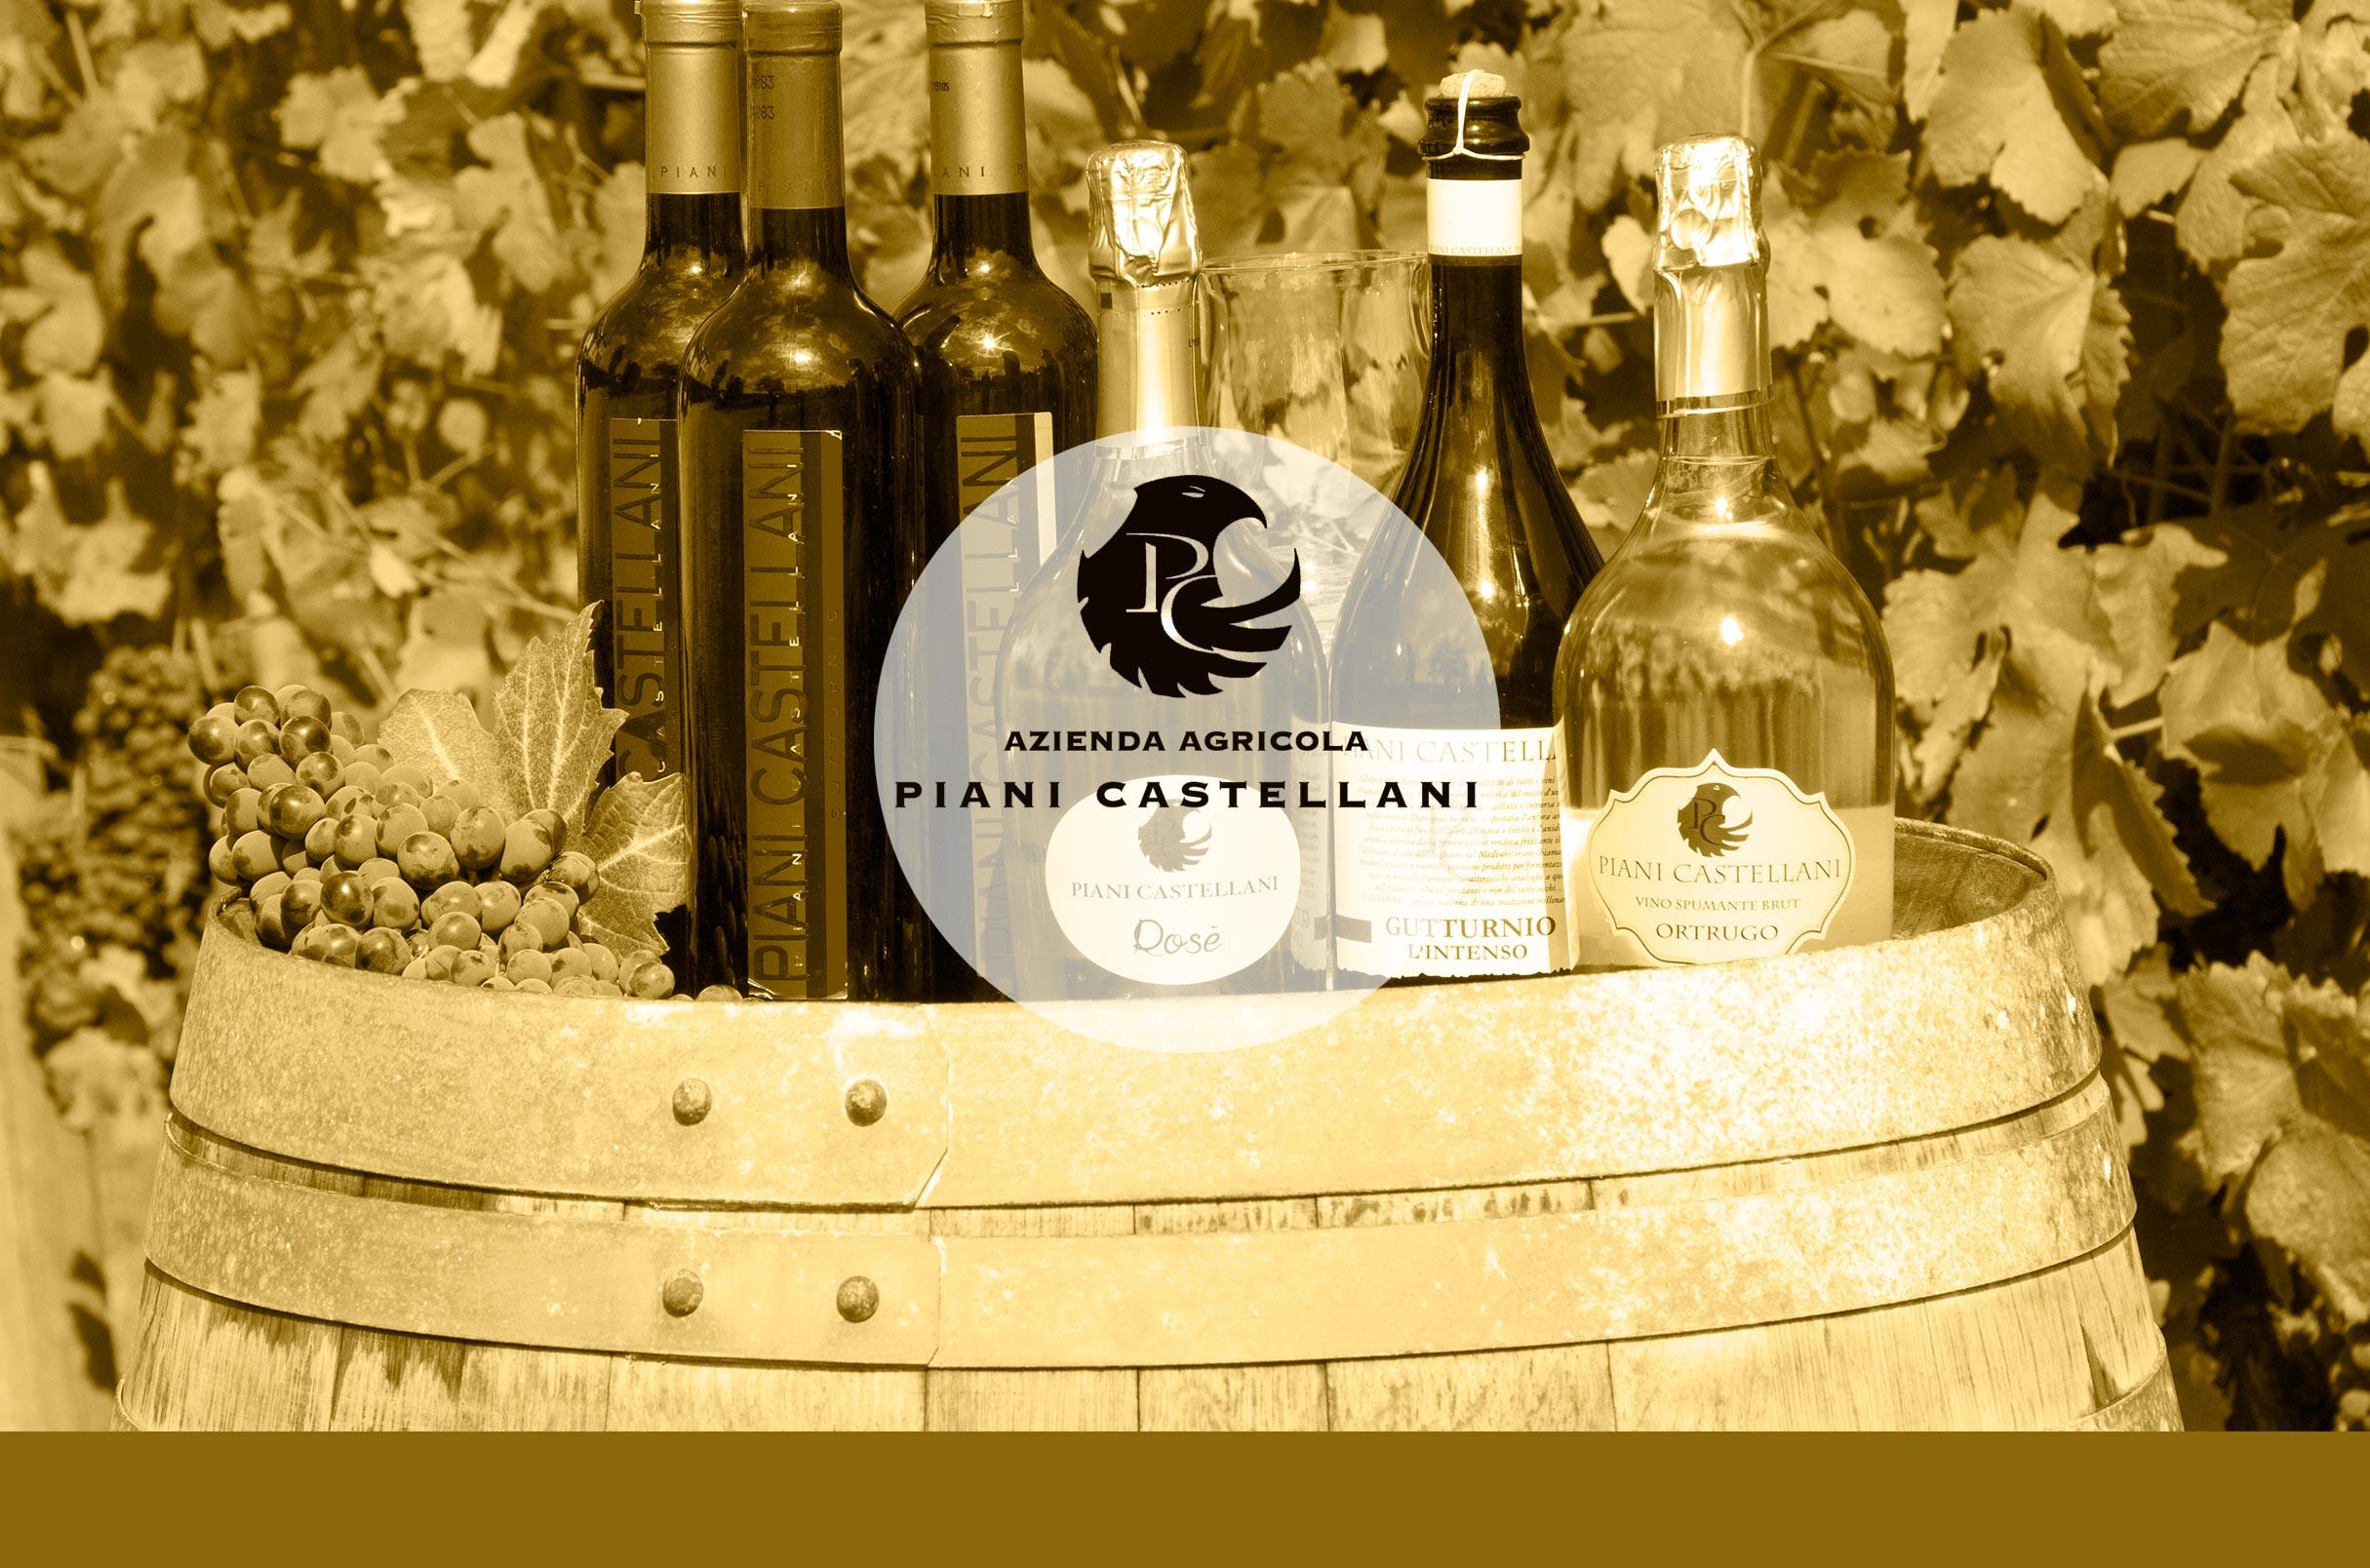 L'azienda e i vini